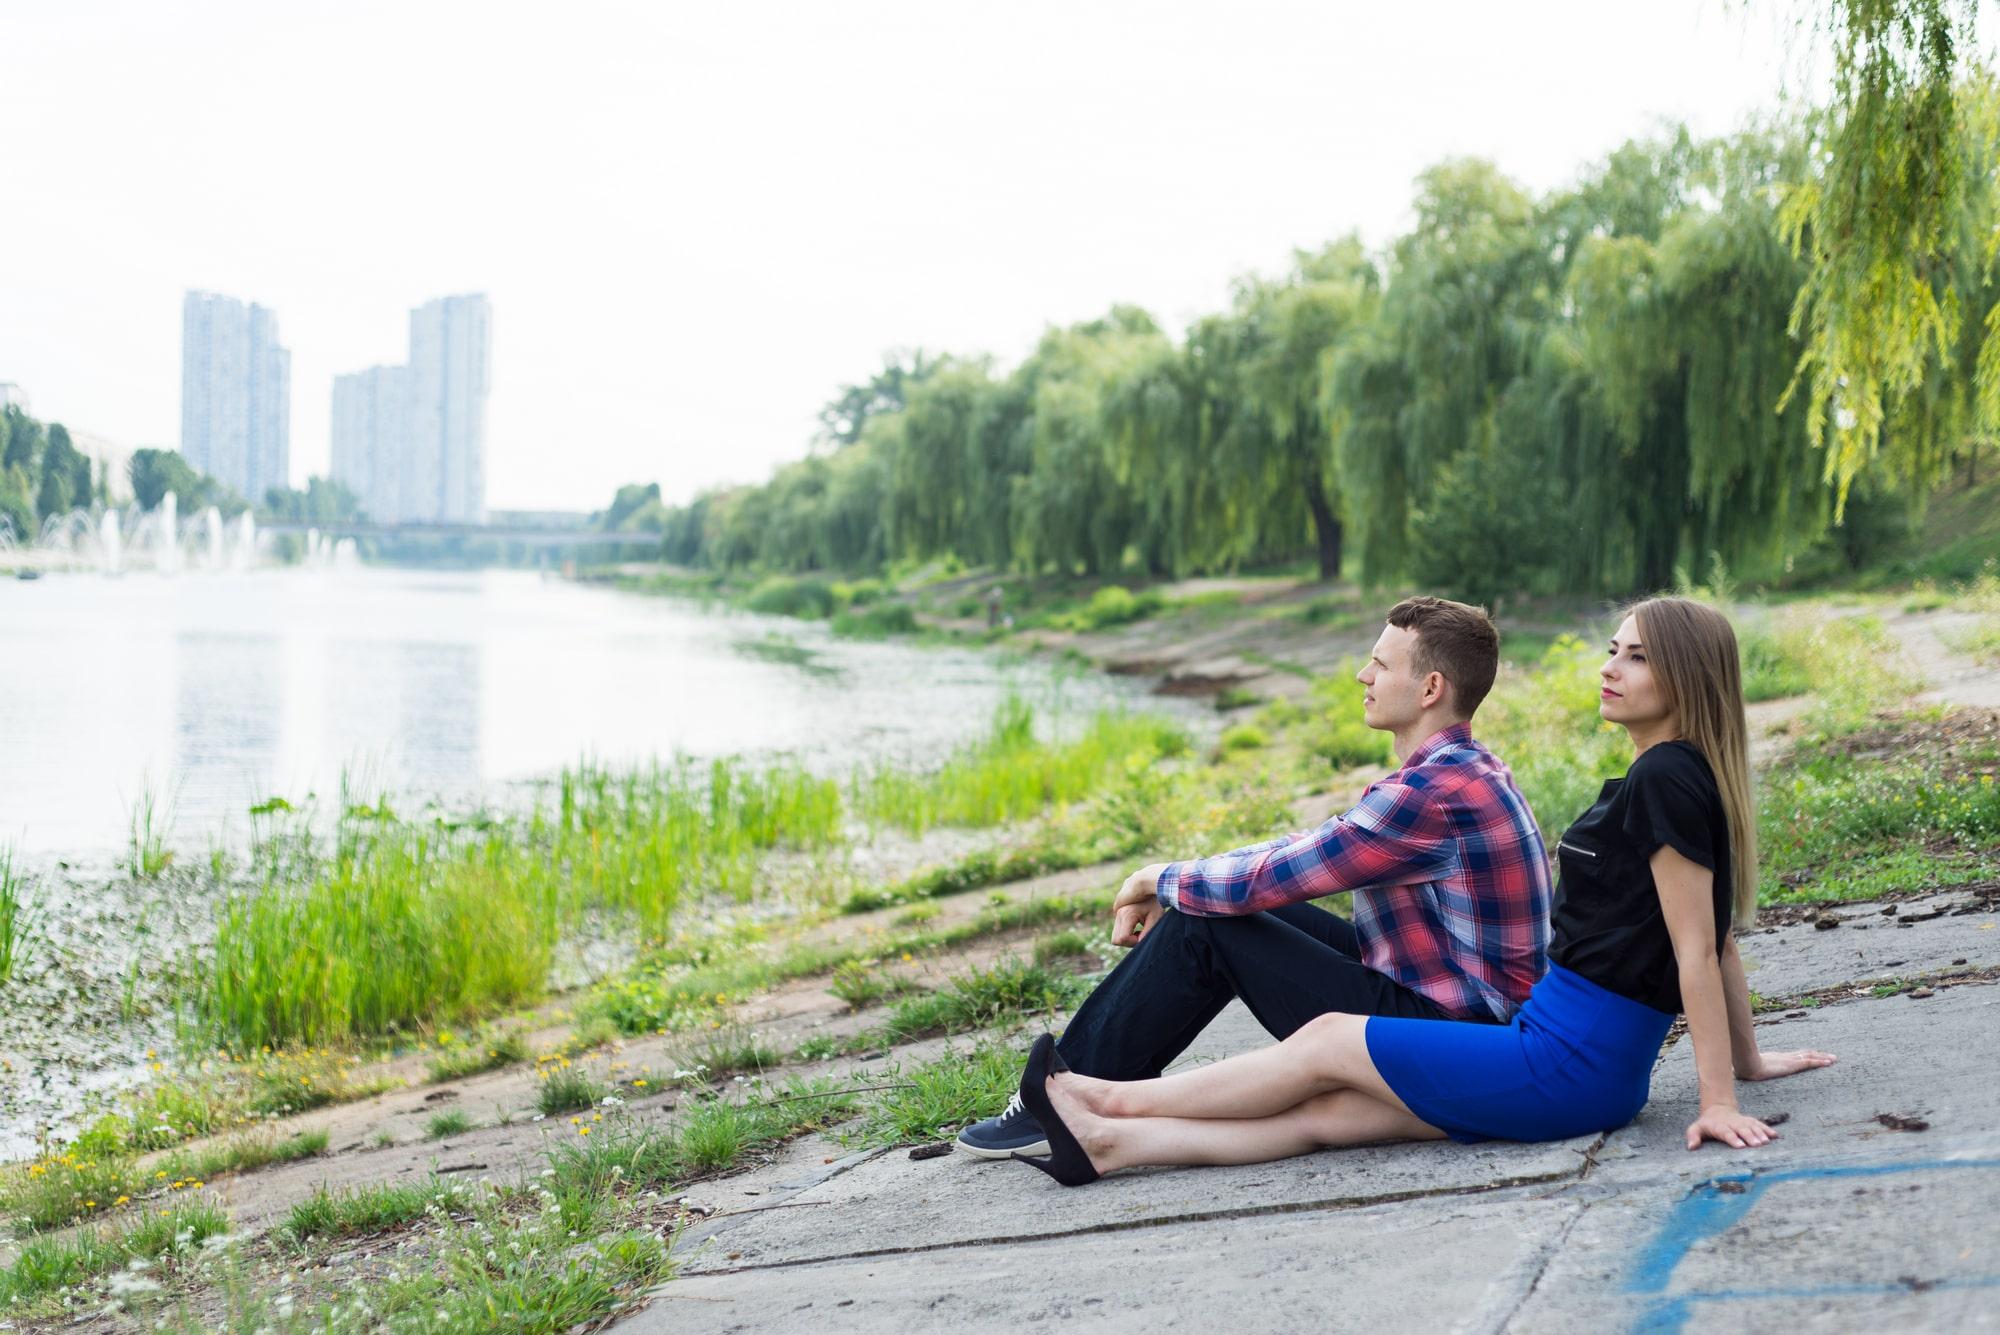 Фотосессия Love Story в Киеве - двое сидят возле реки